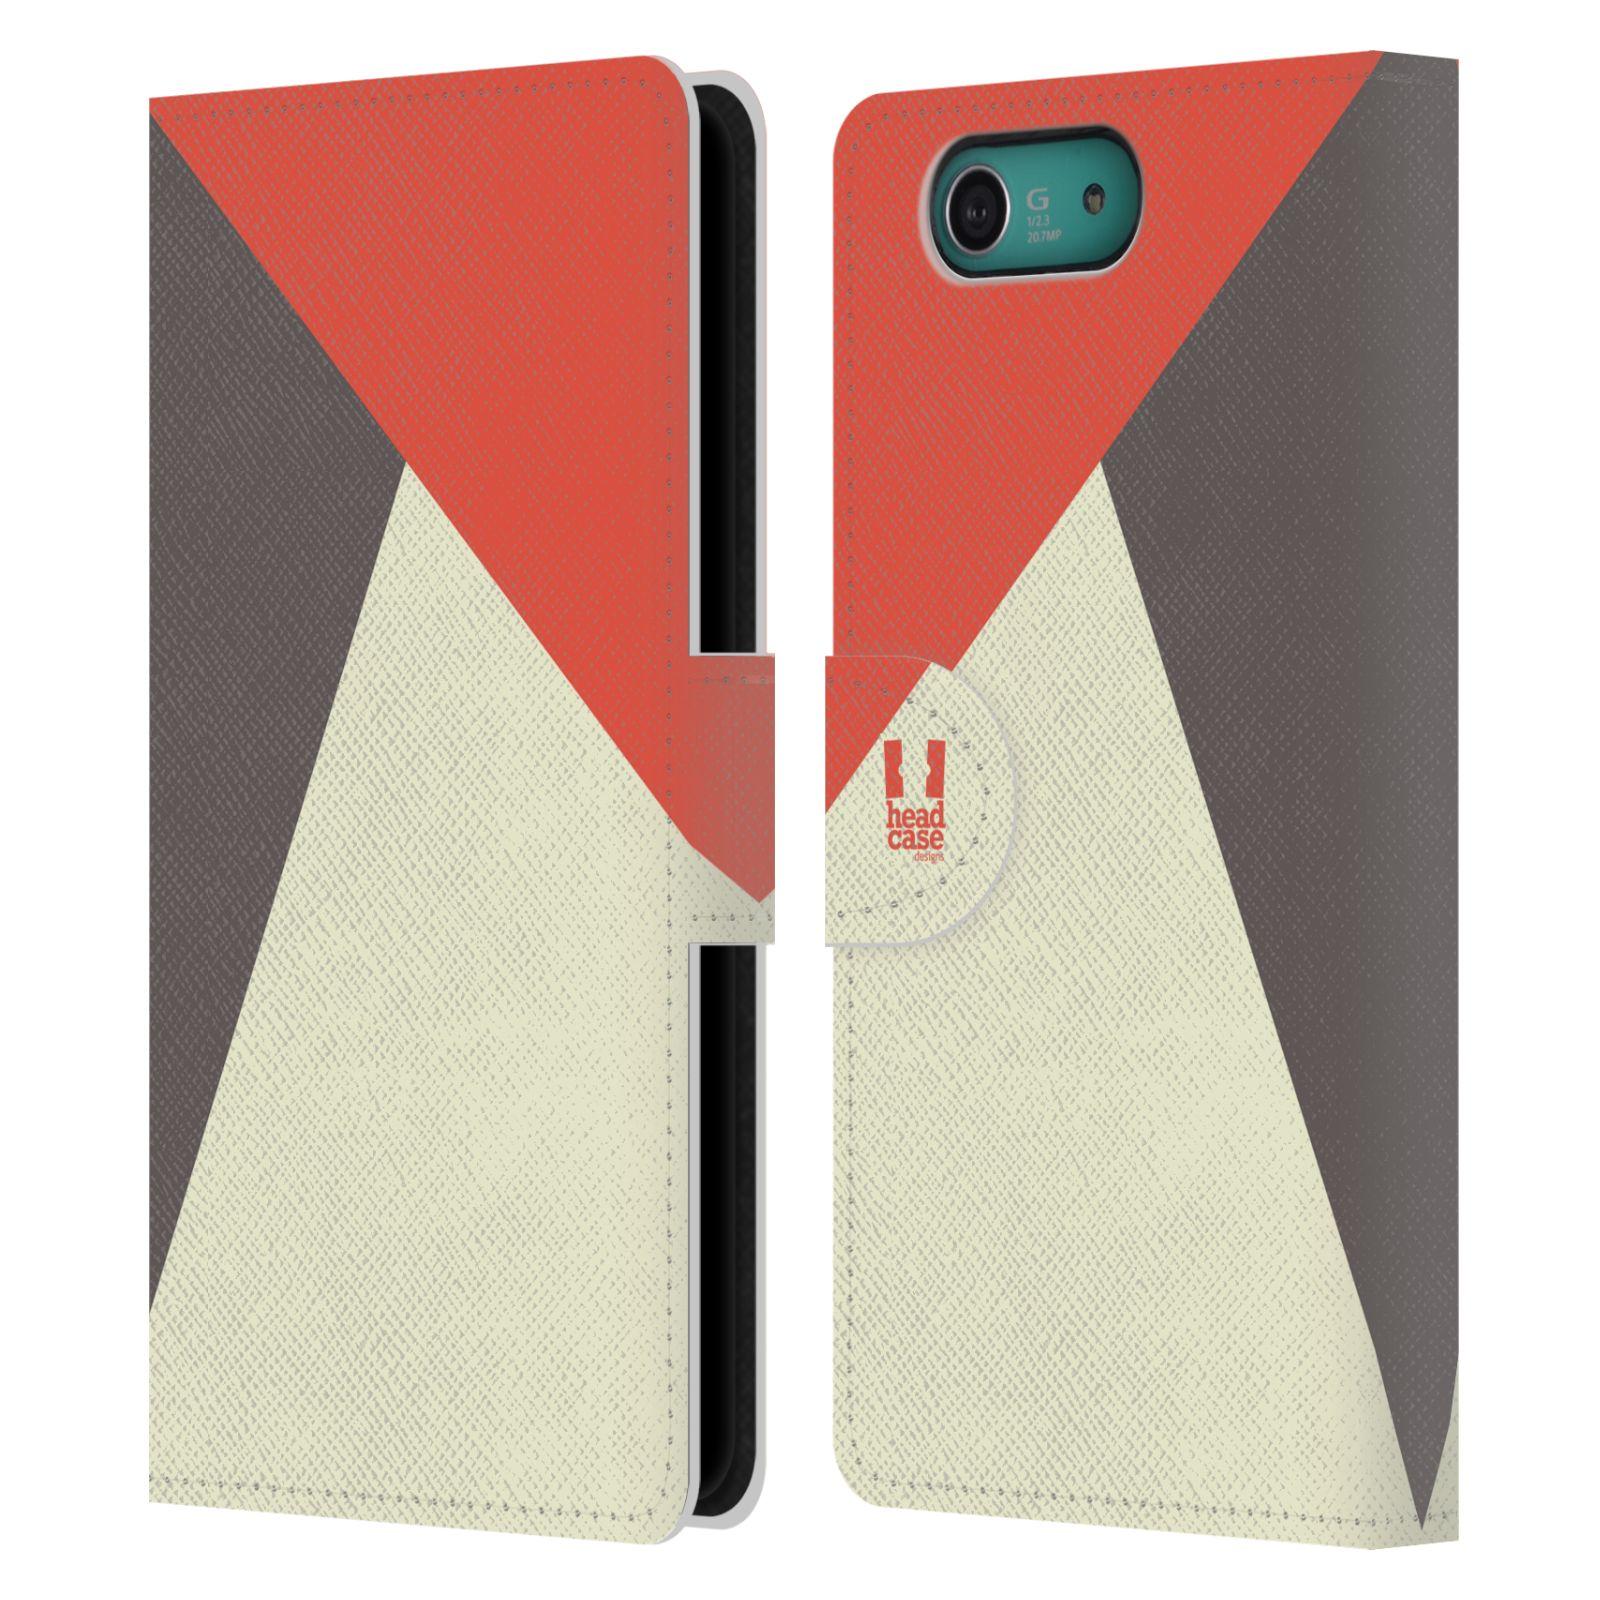 HEAD CASE Flipové pouzdro pro mobil SONY XPERIA Z3 COMPACT barevné tvary červená a šedá COOL